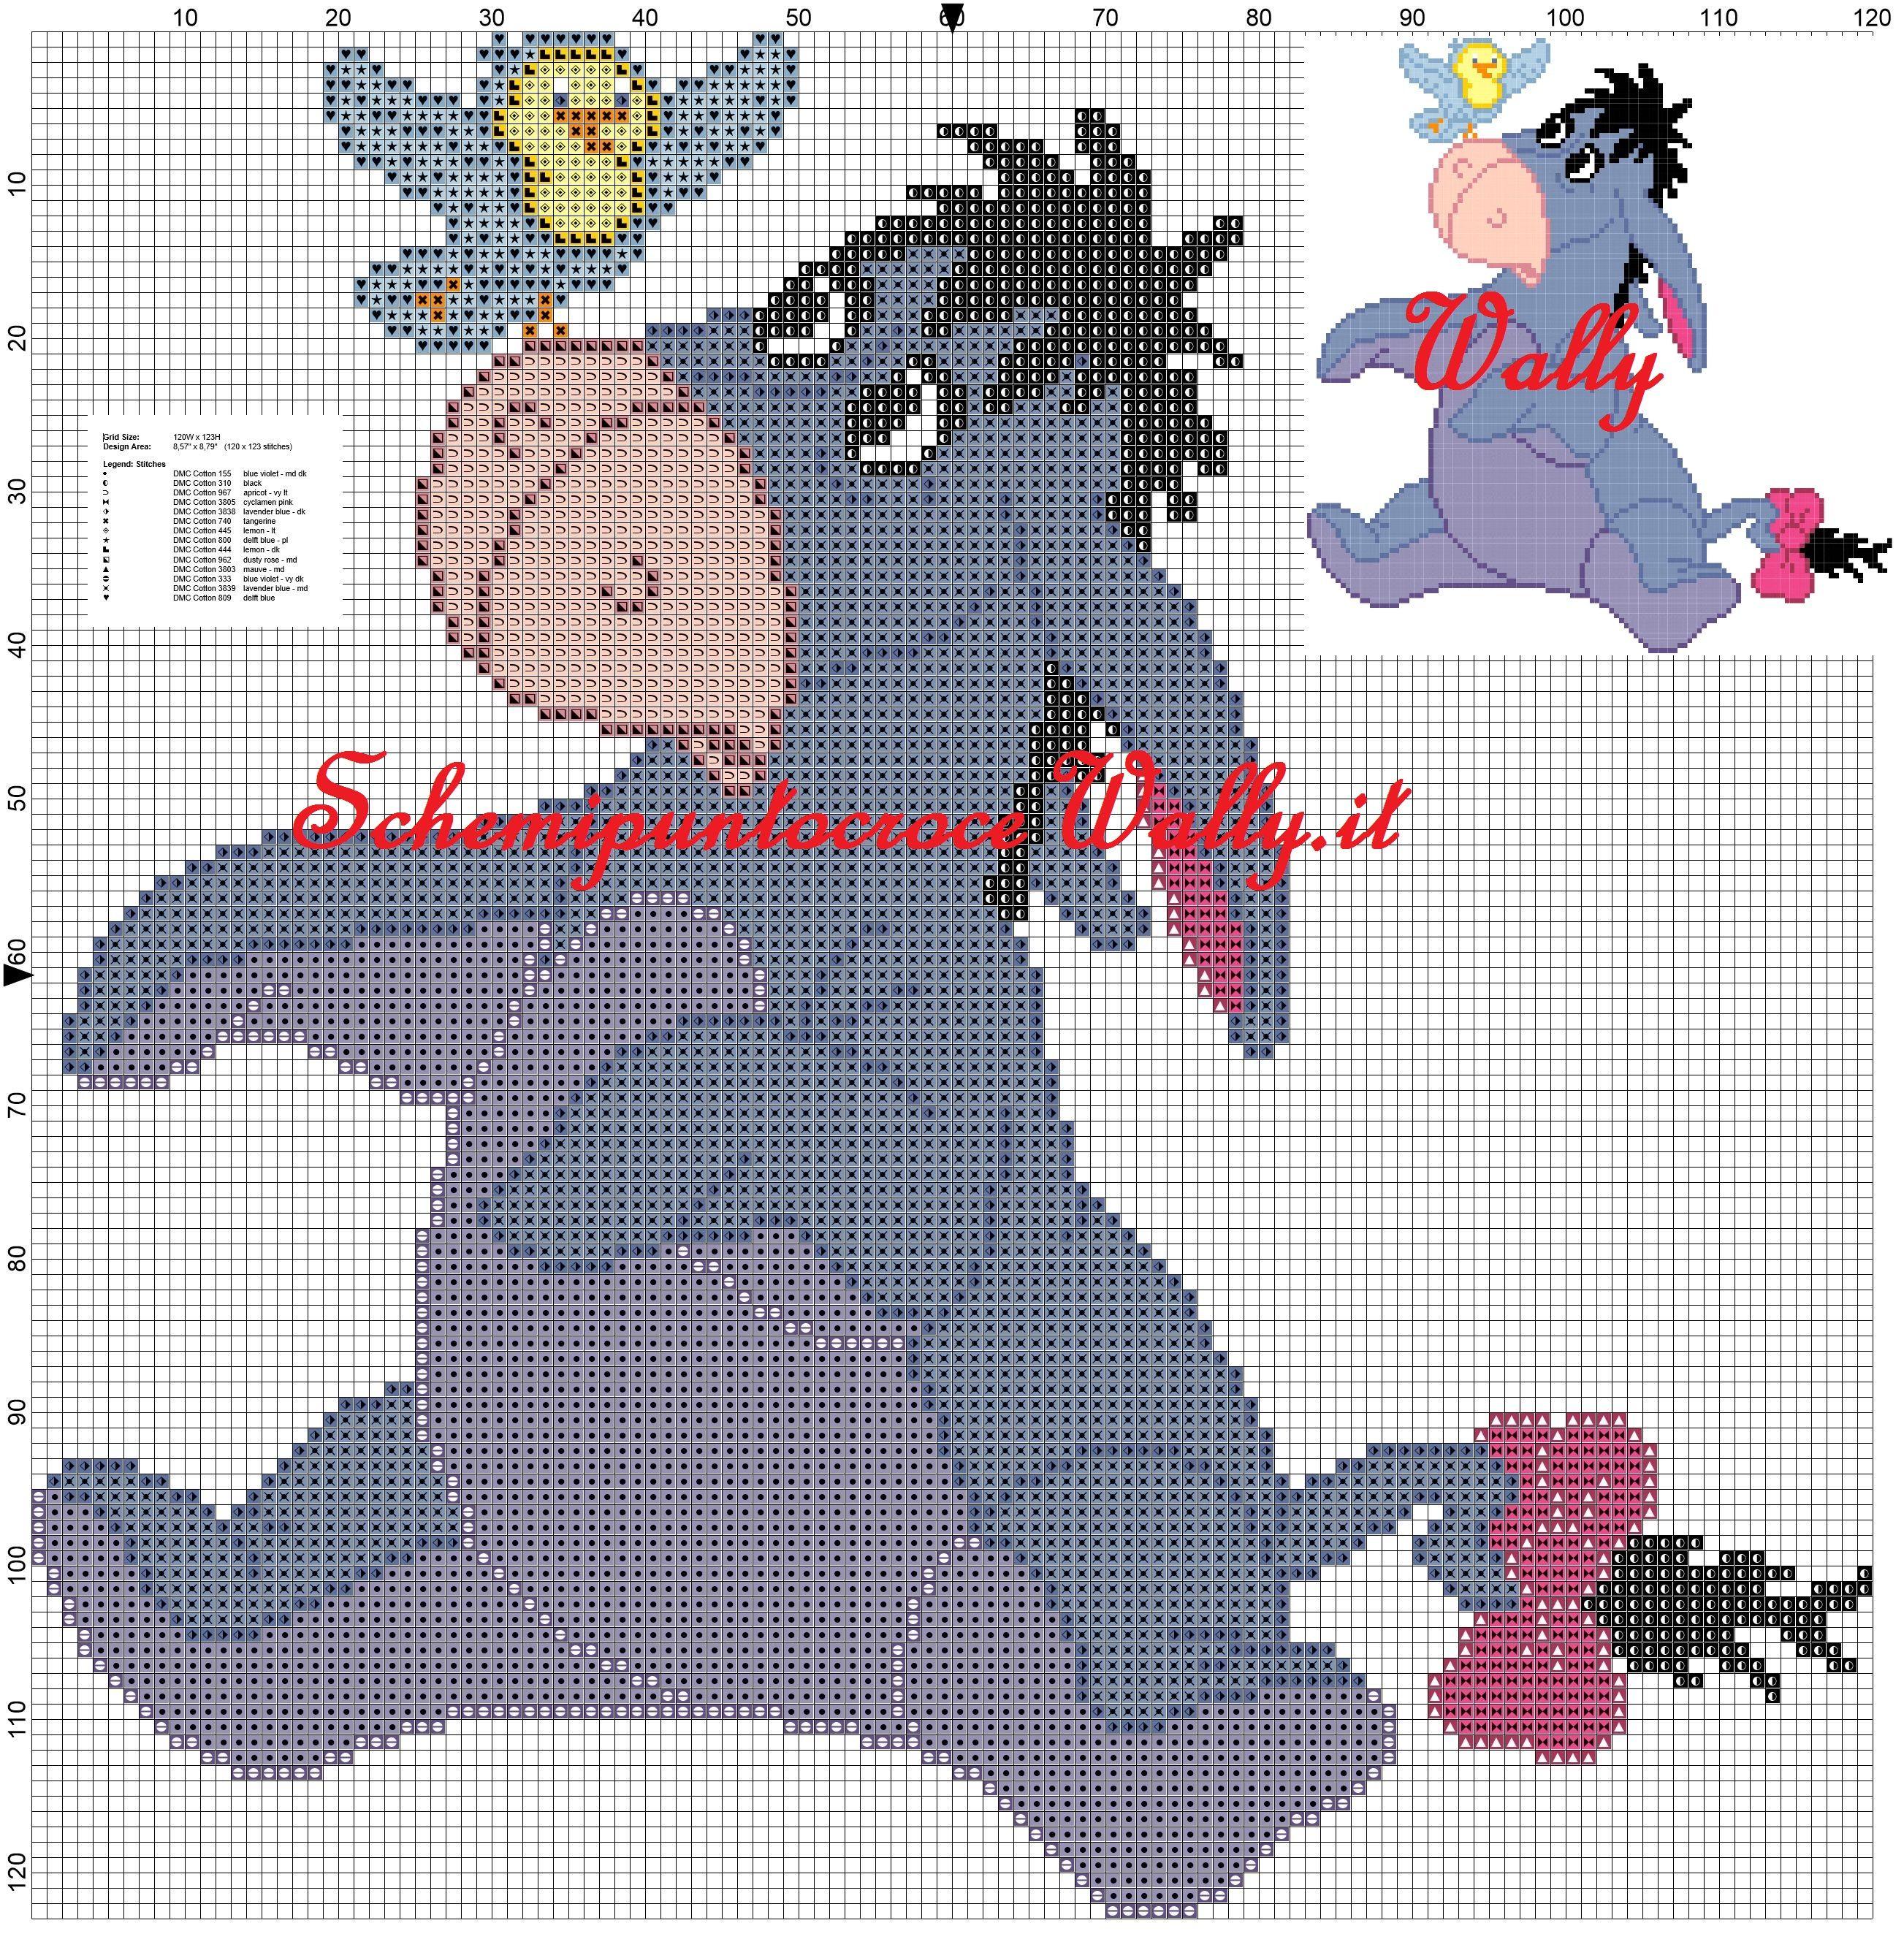 Ih oh amico di winnie con passerotto the pooh schema punto for Winnie the pooh punto croce schemi